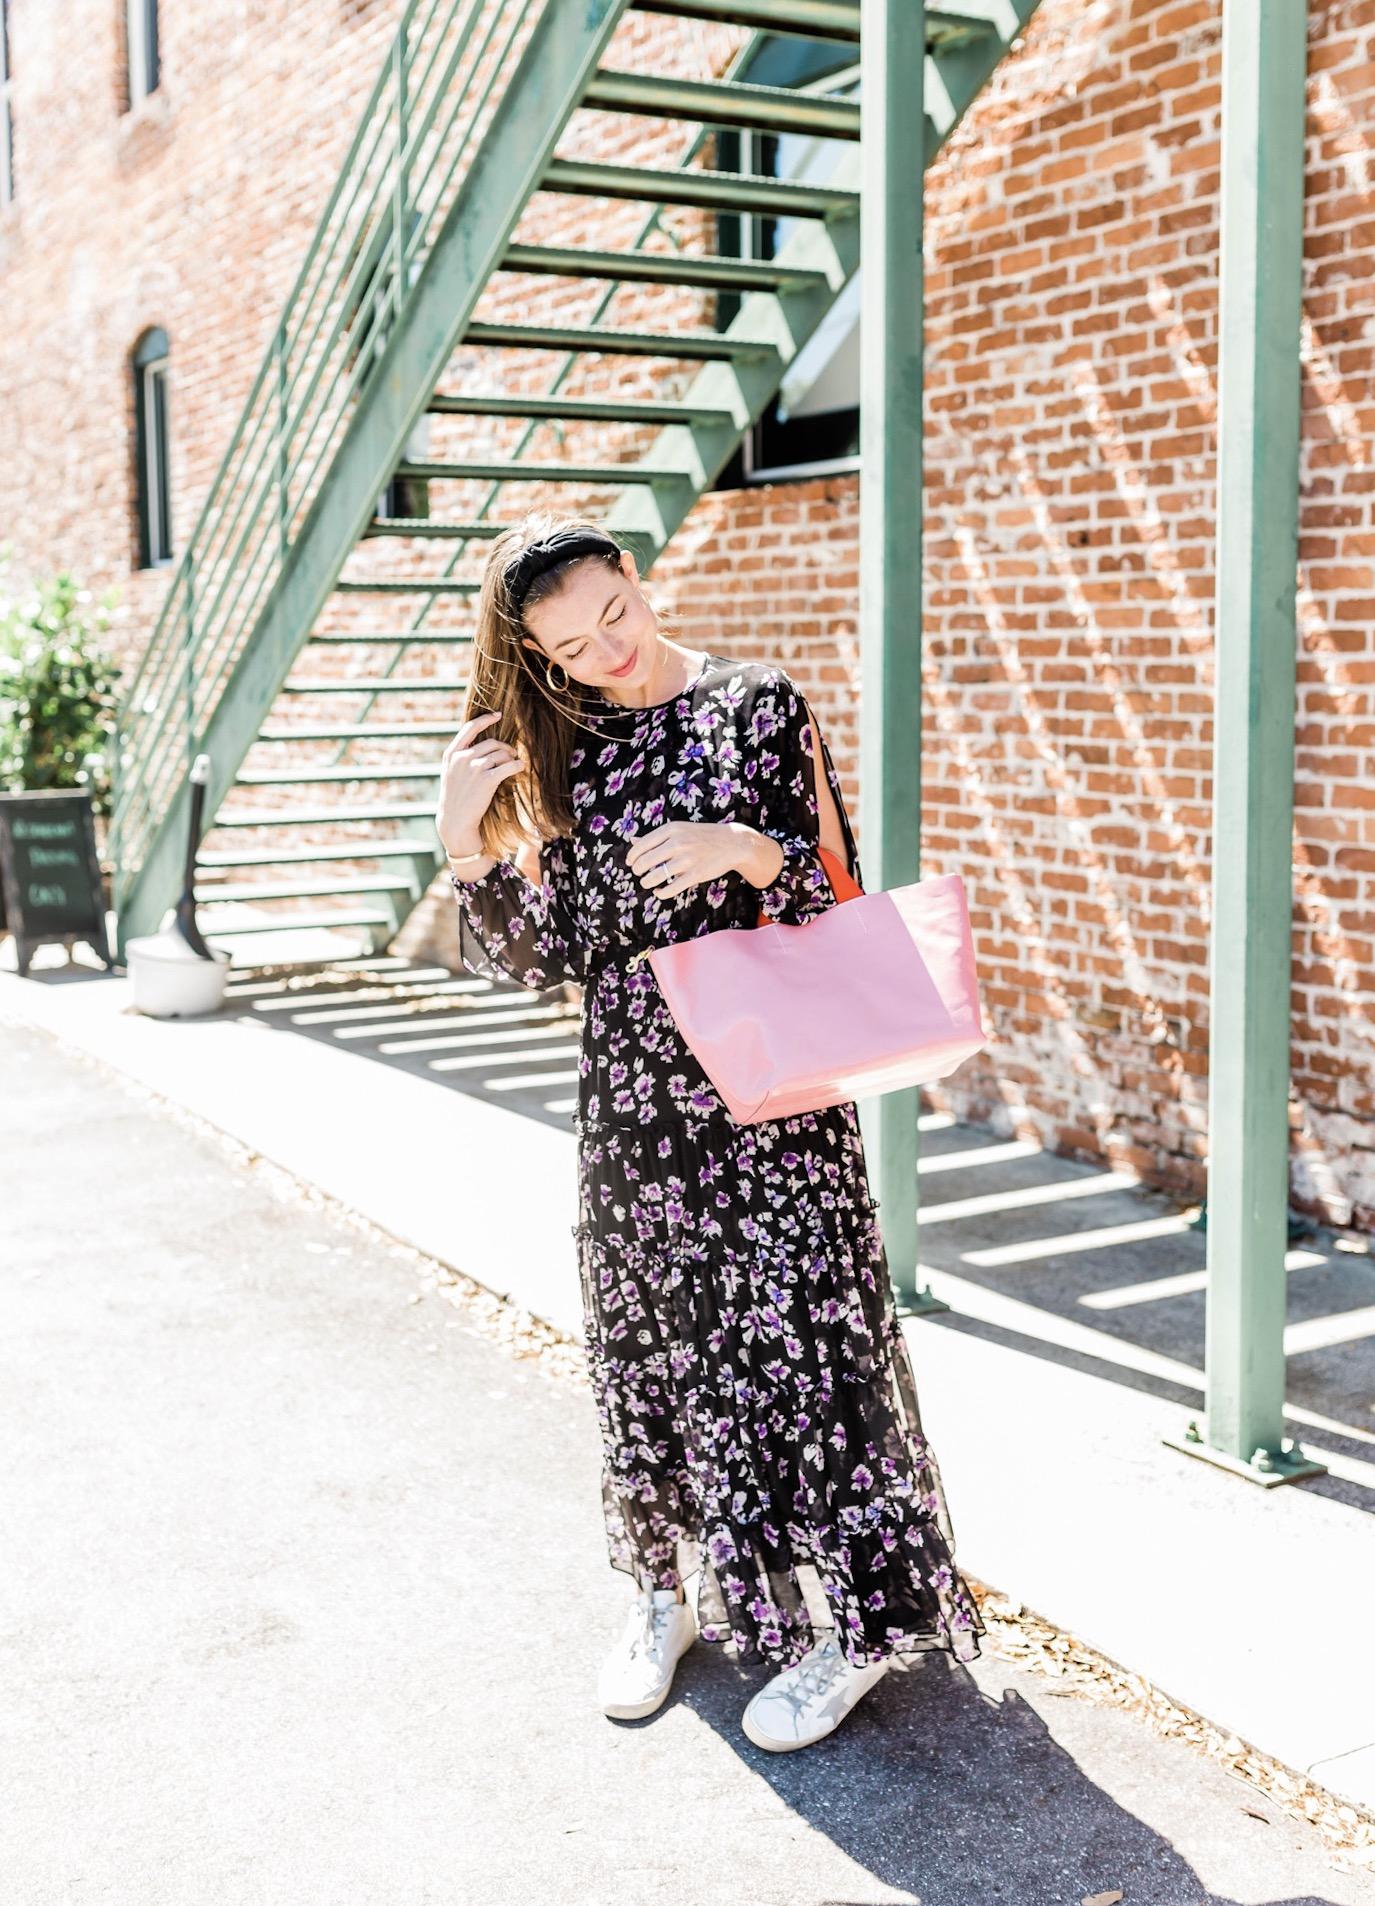 Sabel's Look - What She's Wearing:Golden Goose Tennis ShoesFive & Two Gold HoopsLele Sadoughi HeadbandClare V Handbag